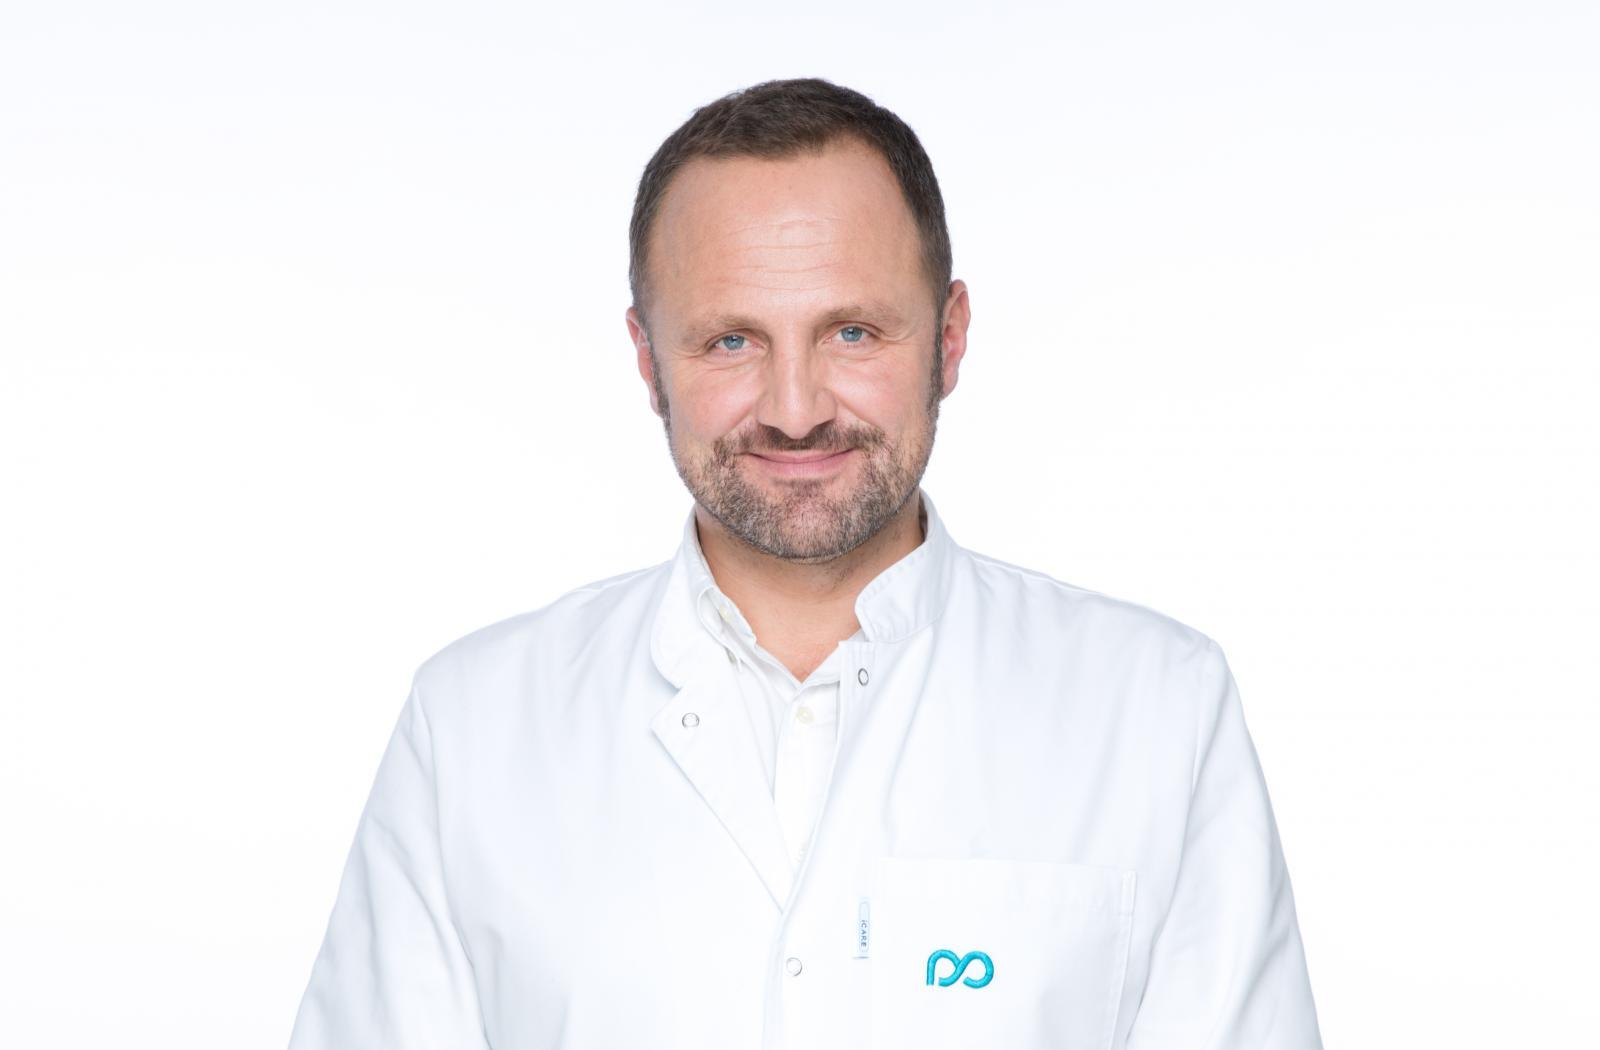 Dr. Milojevića možete pronaći u njegovoj Poliklinici u Gundulićevoj 40 u Zagrebu.